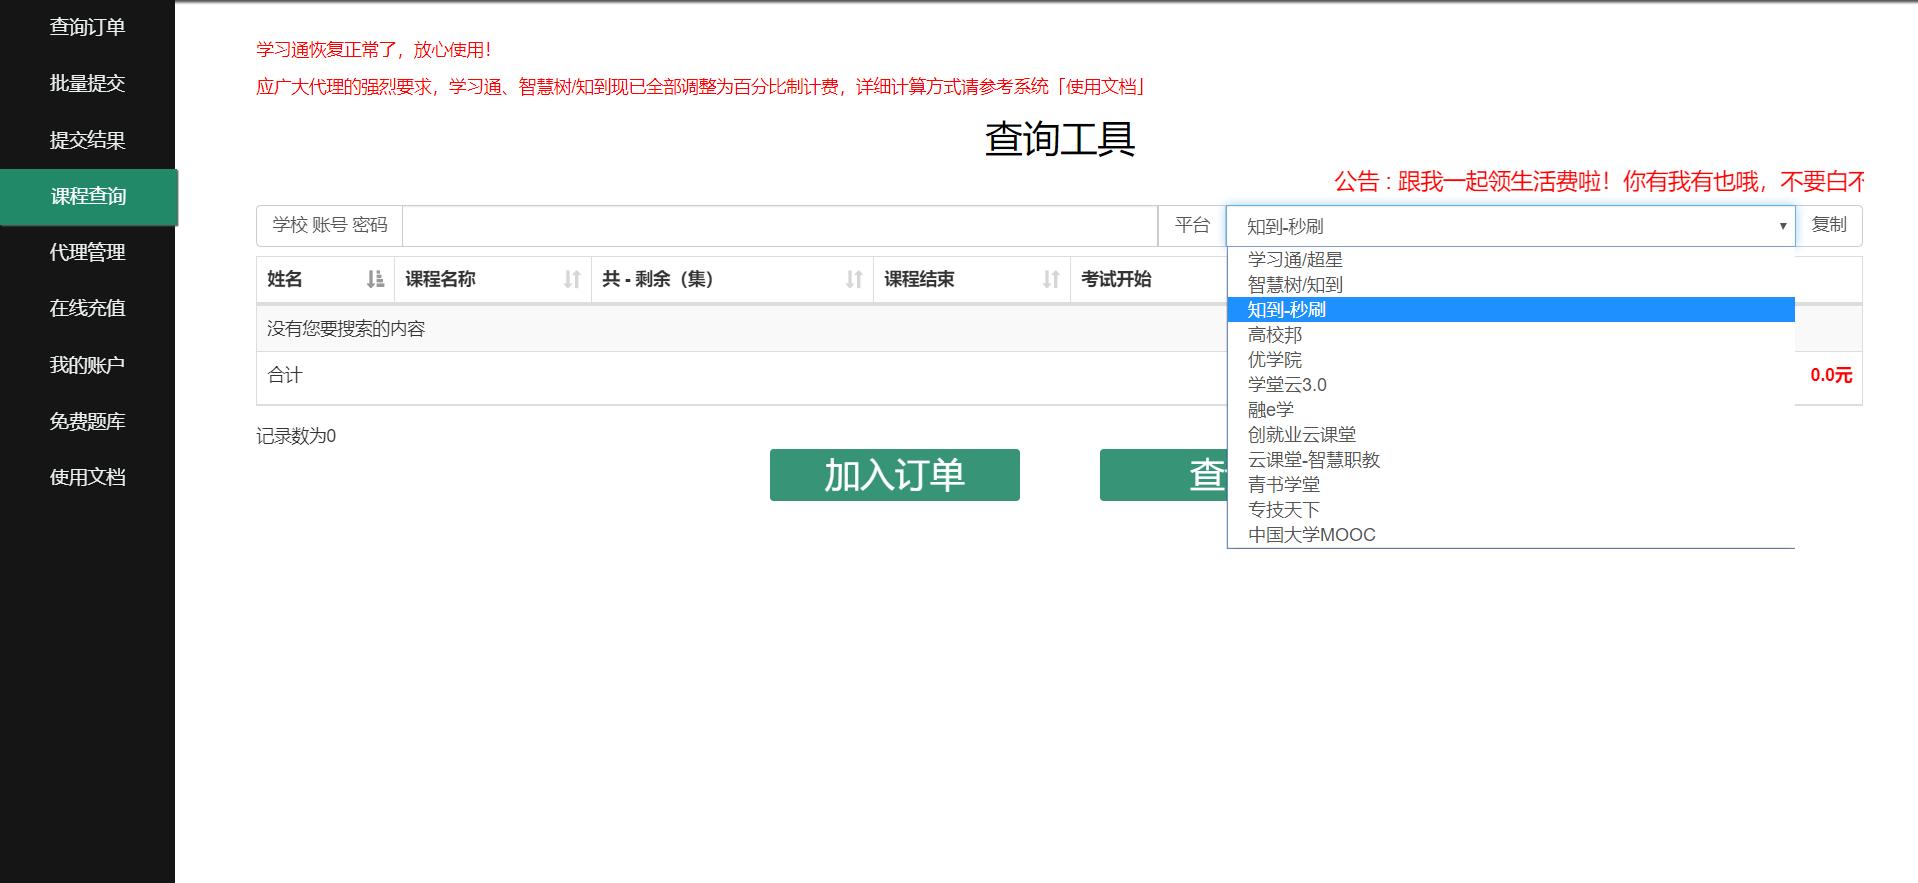 97网课代看(超星尔雅学习通)开户-福利客栈